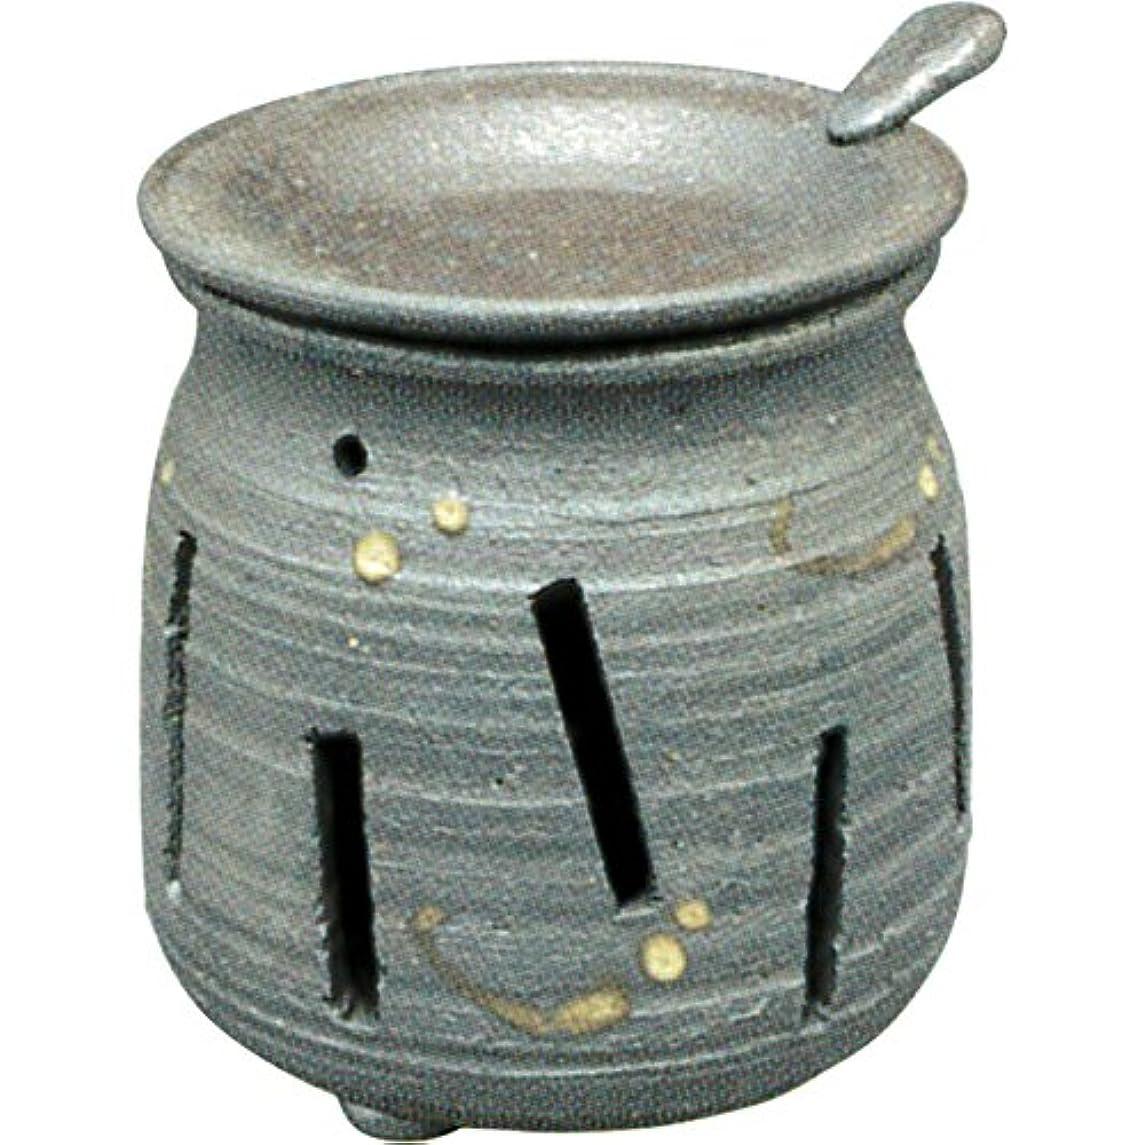 合唱団拳スクレーパー常滑焼 : 焜清 茶香炉 ル36-05